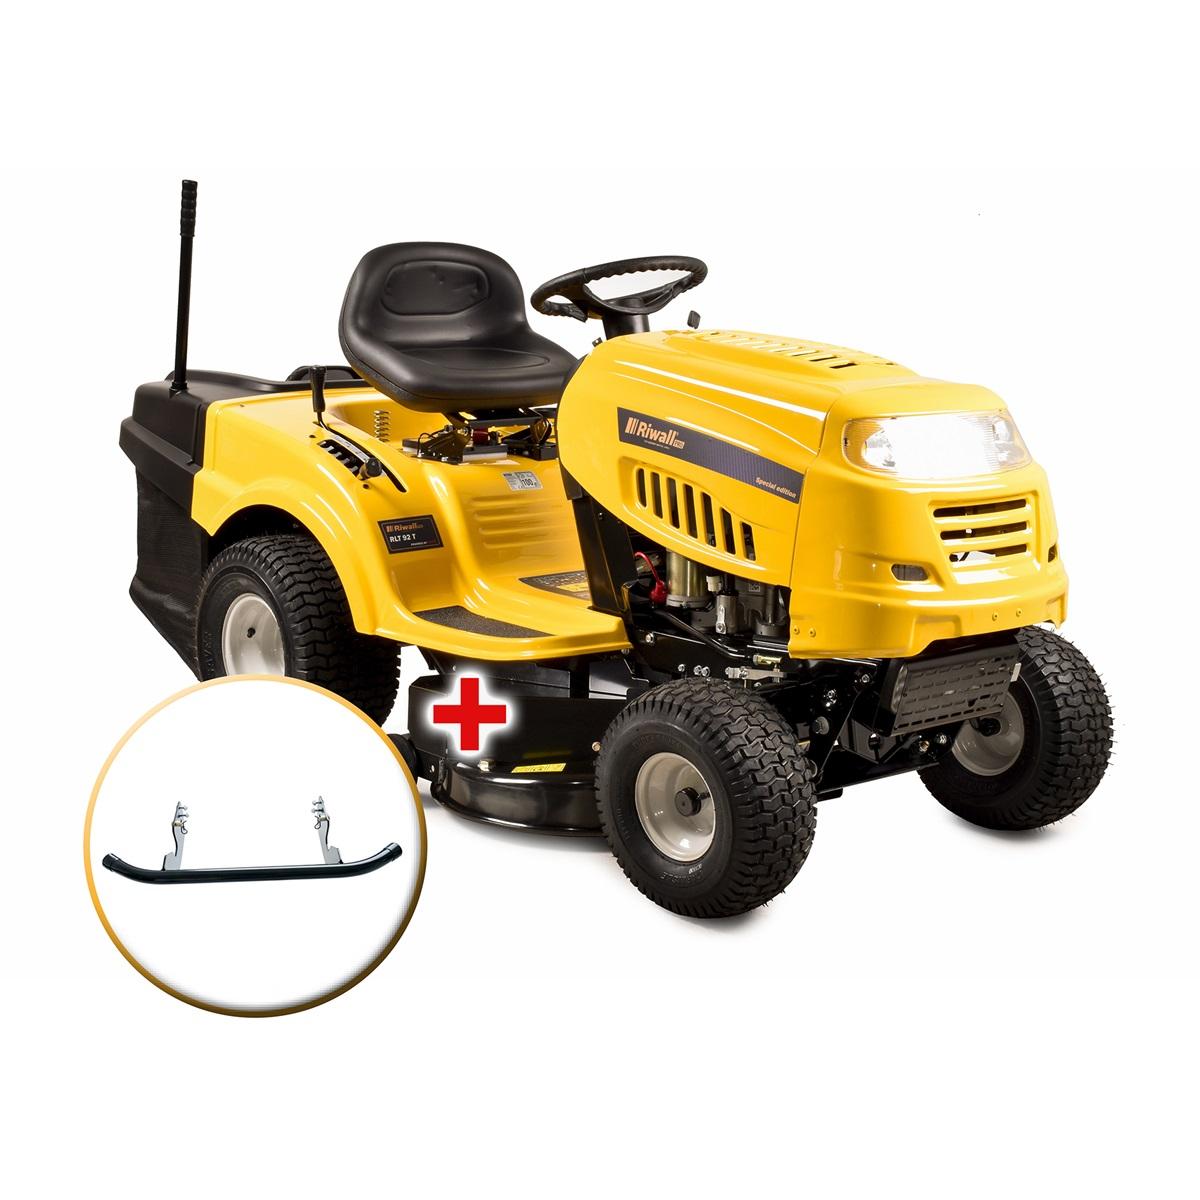 Riwall PRO RLT 92 T zahradní traktor + sestavení + příprava k provozu + servis EXTRA